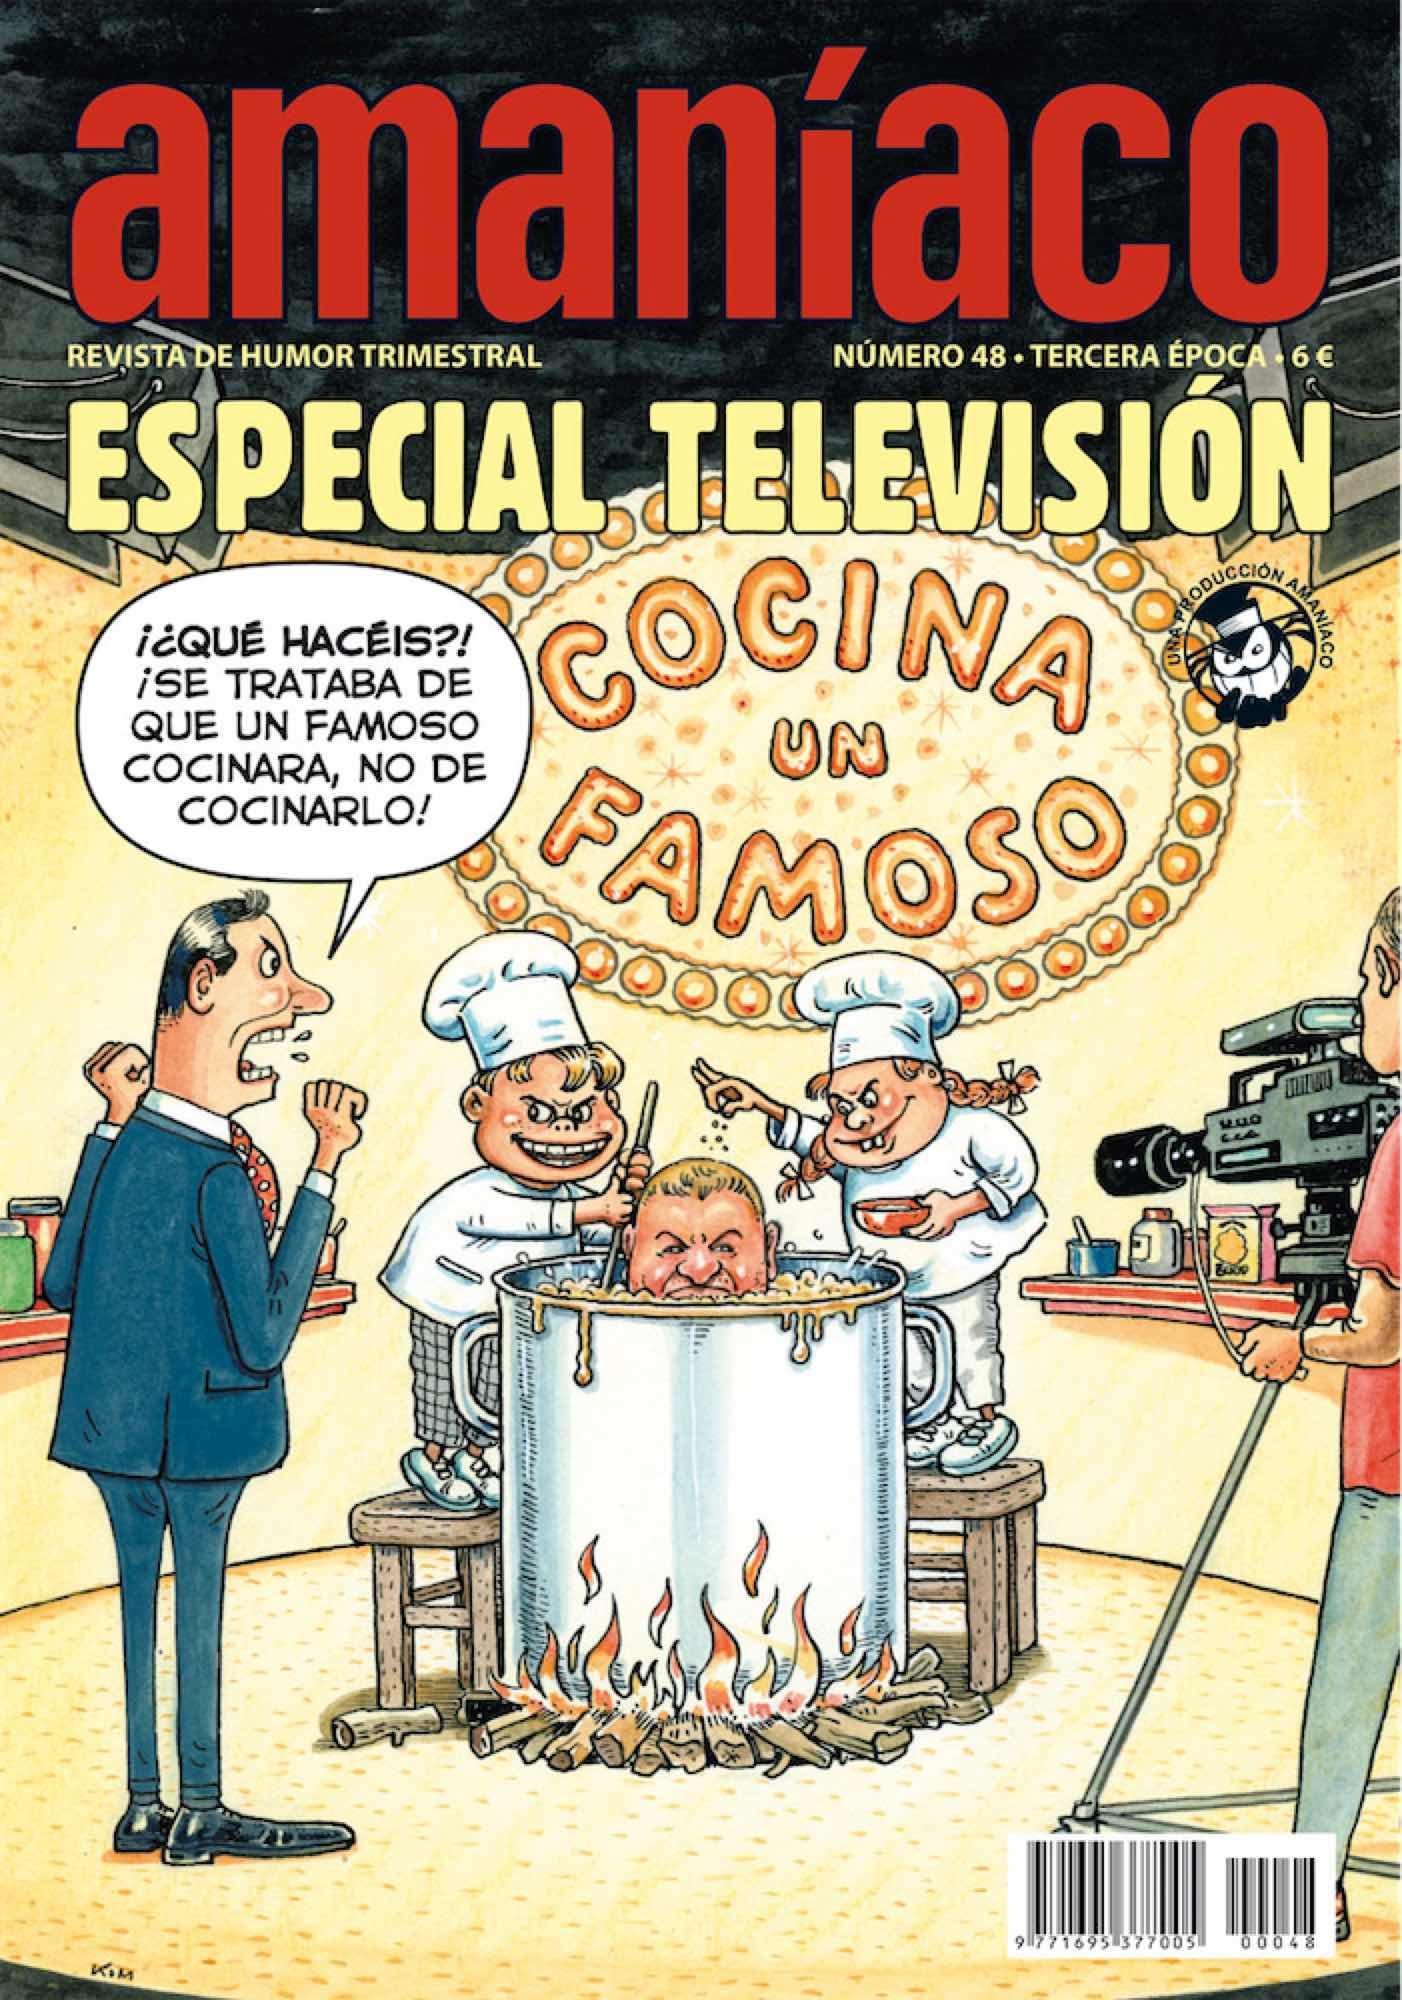 AMANIACO 48. ESPECIAL TELEVISION